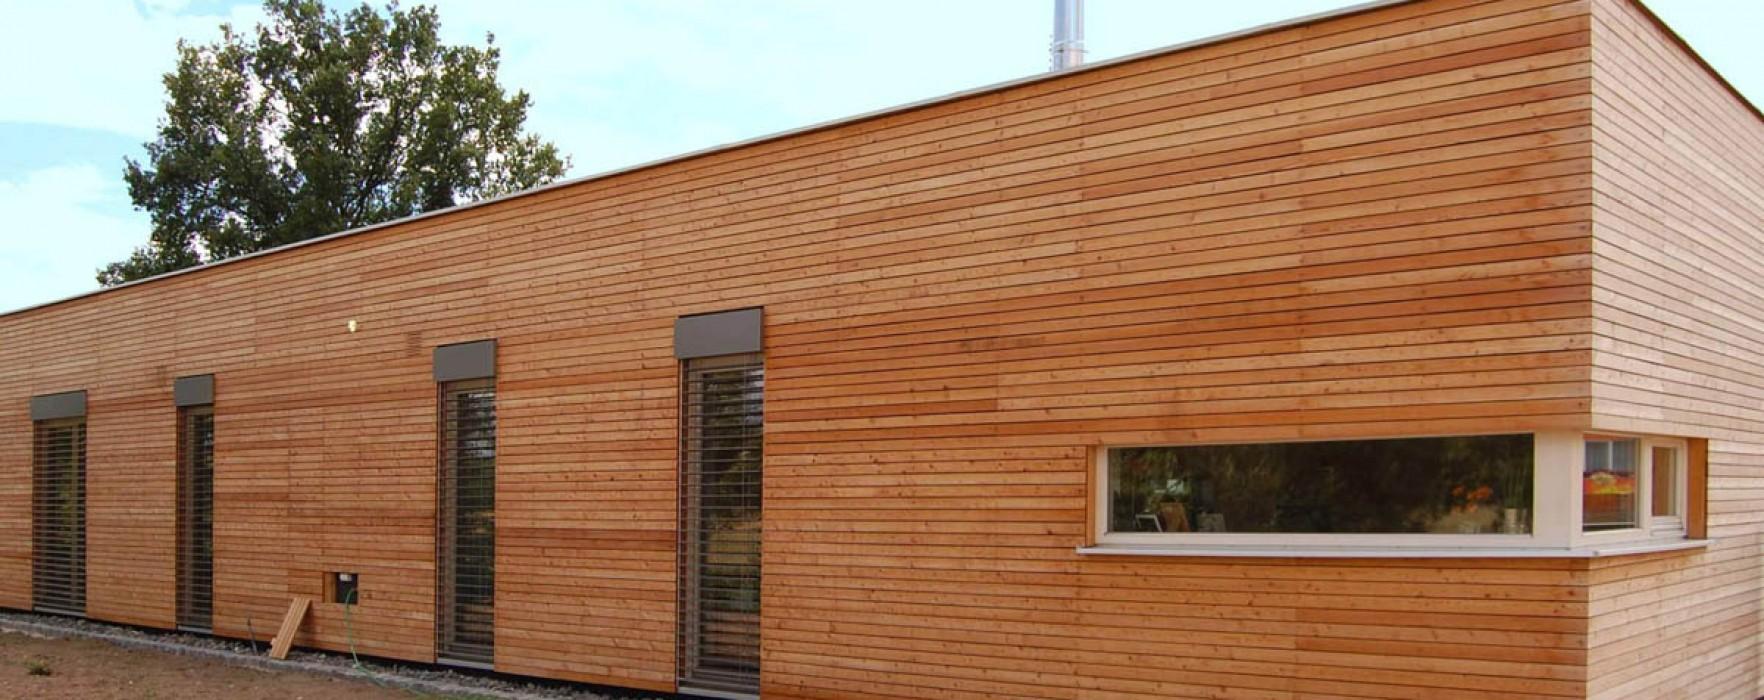 Reperire informazioni per realizzare una casa di legno for Costare la costruzione di una casa contro l acquisto